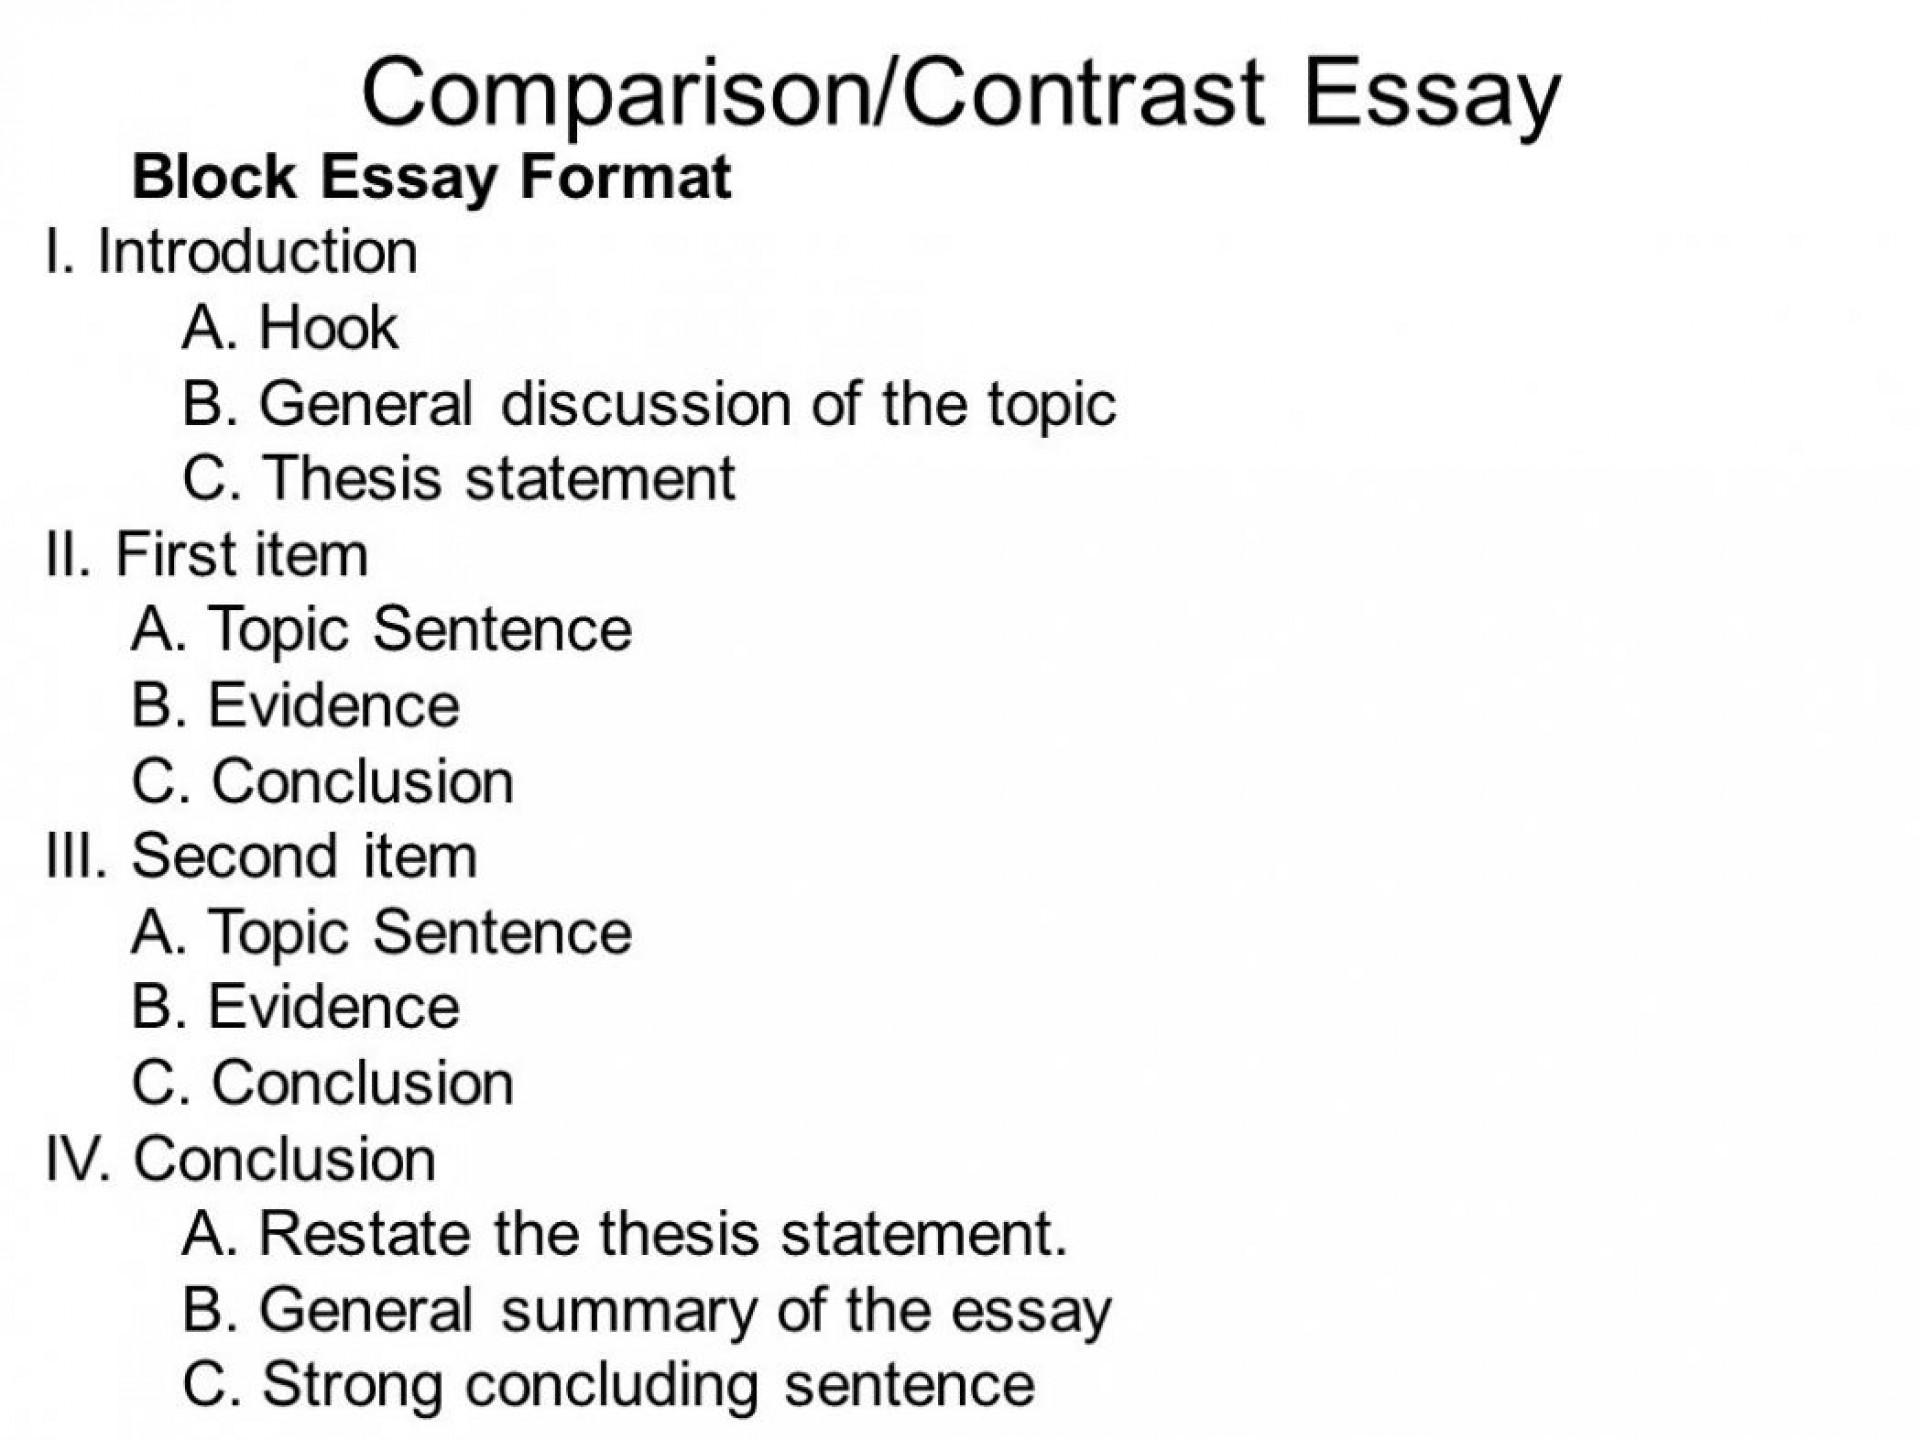 013 Comparison Essay Outline Format Template